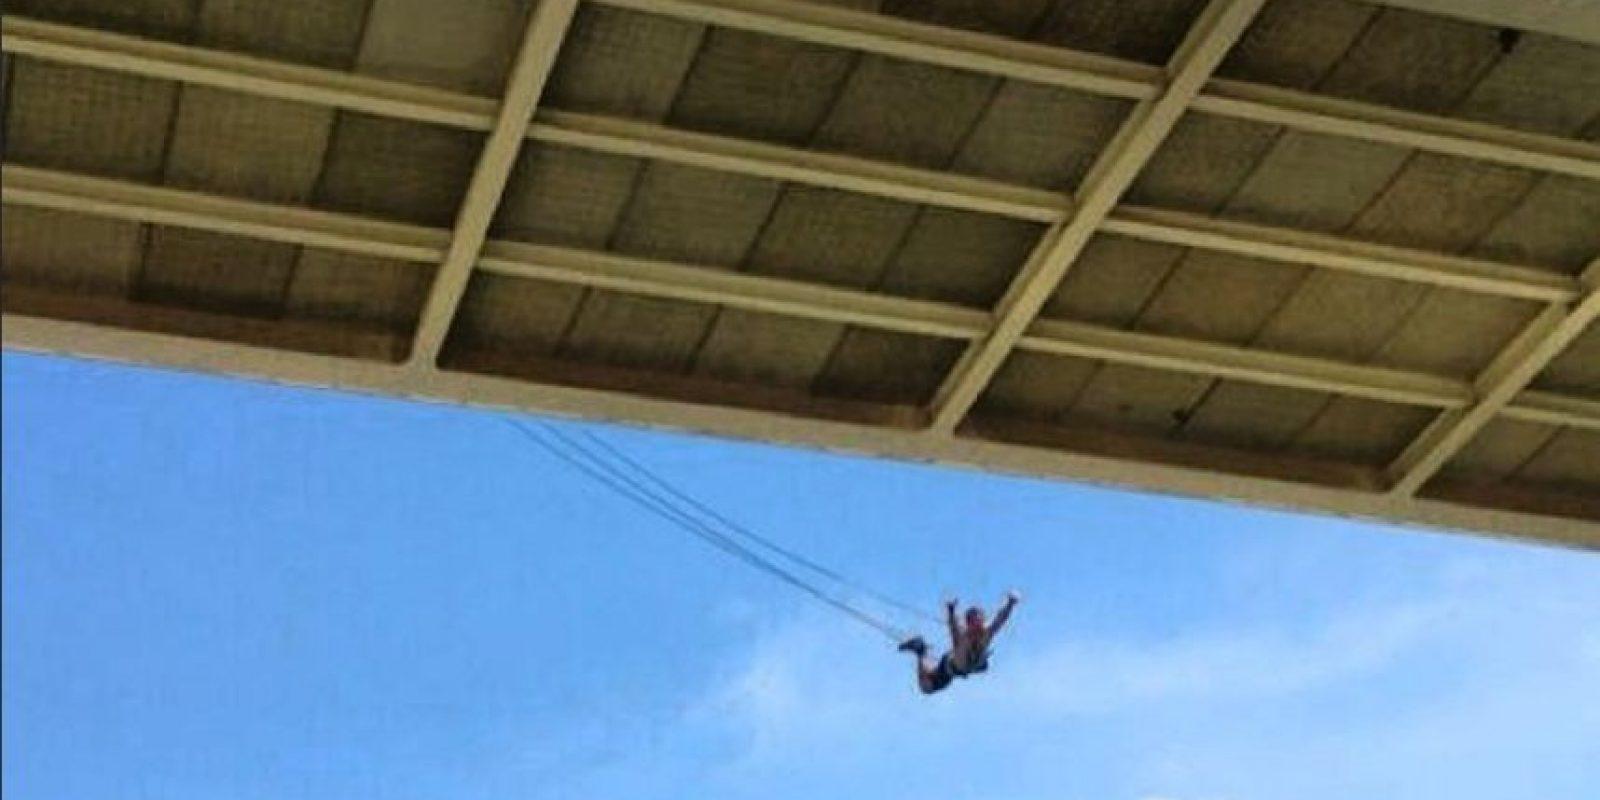 Al parecer la cuerda que la acompañaba estaba demasiado larga. Foto:Vía Istagram @marioestev